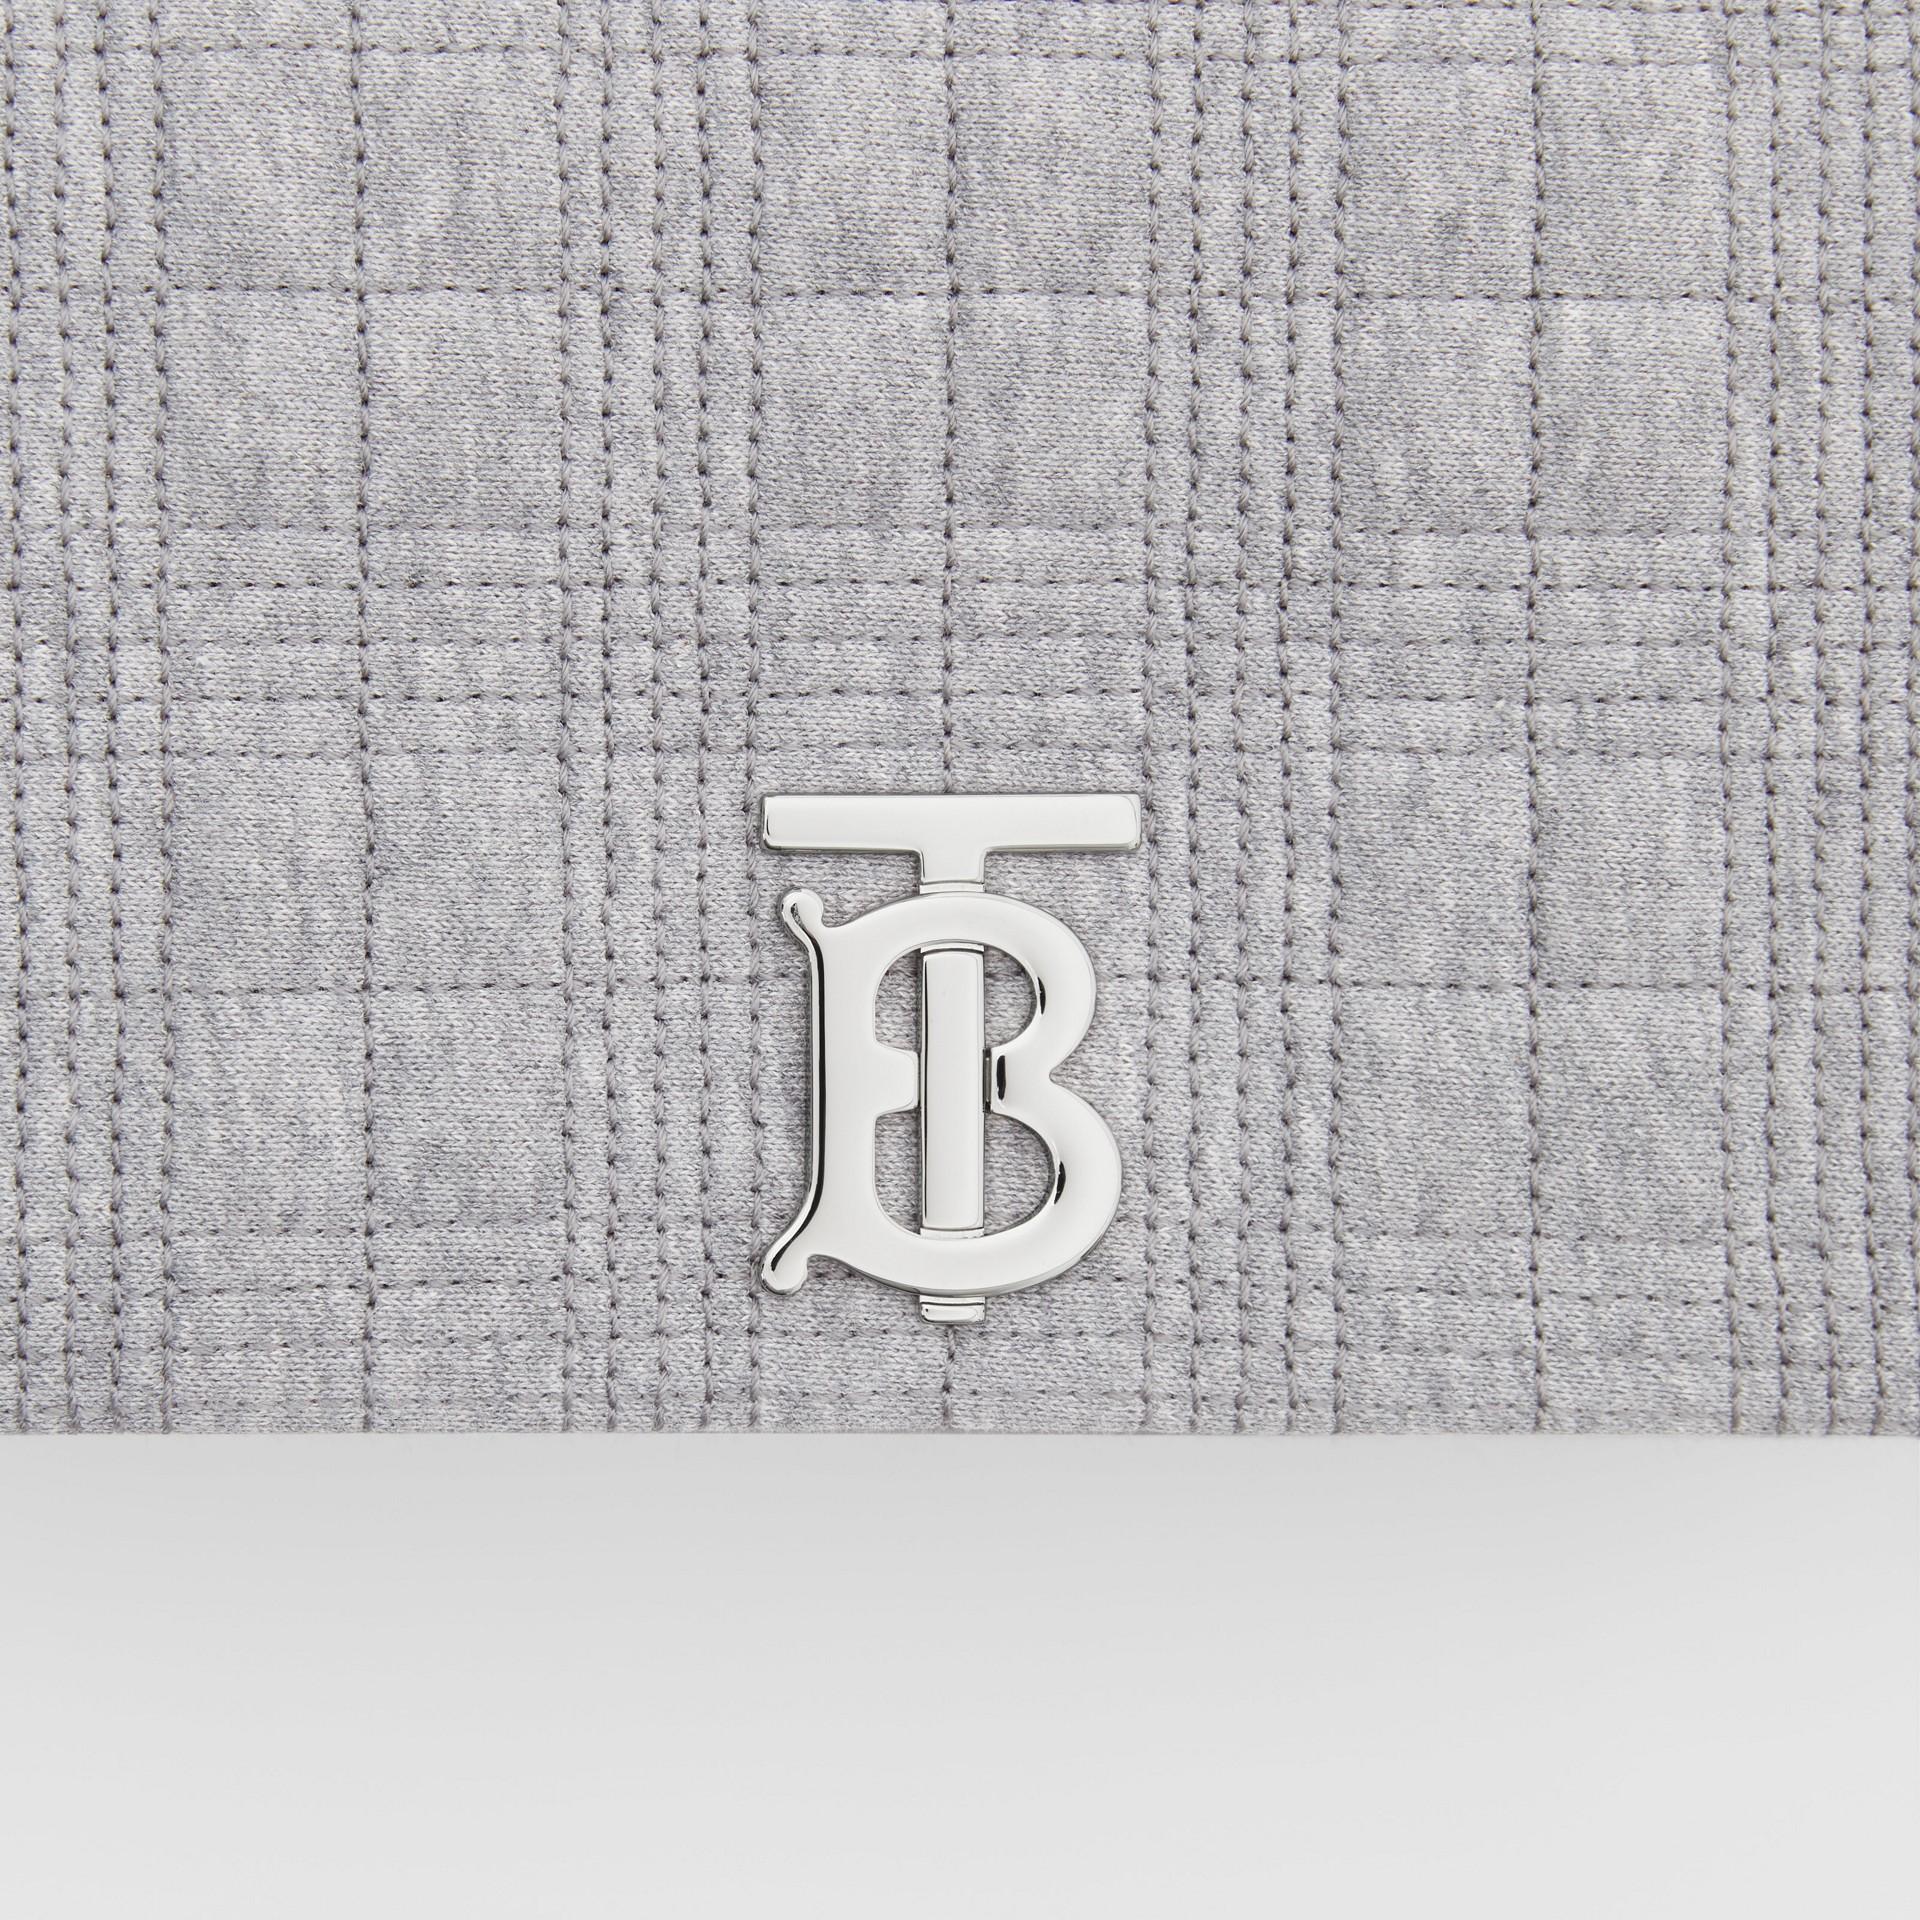 Borsa Lola piccola in jersey trapuntato (Grigio Talpa Mélange) | Burberry - immagine della galleria 1